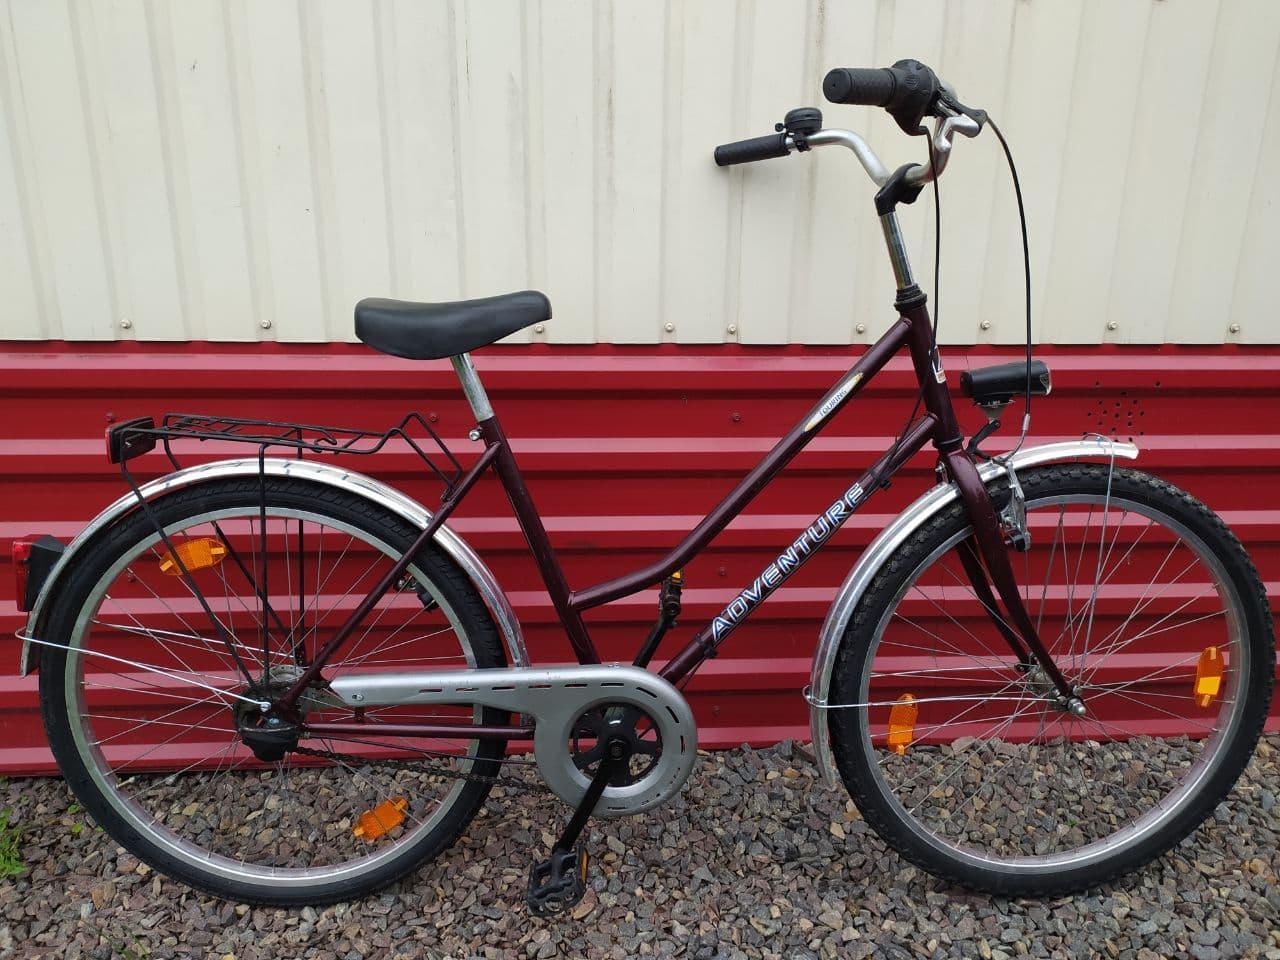 Велосипед бу из Германии  ADVENTURE на планетарке Sachs 26/5